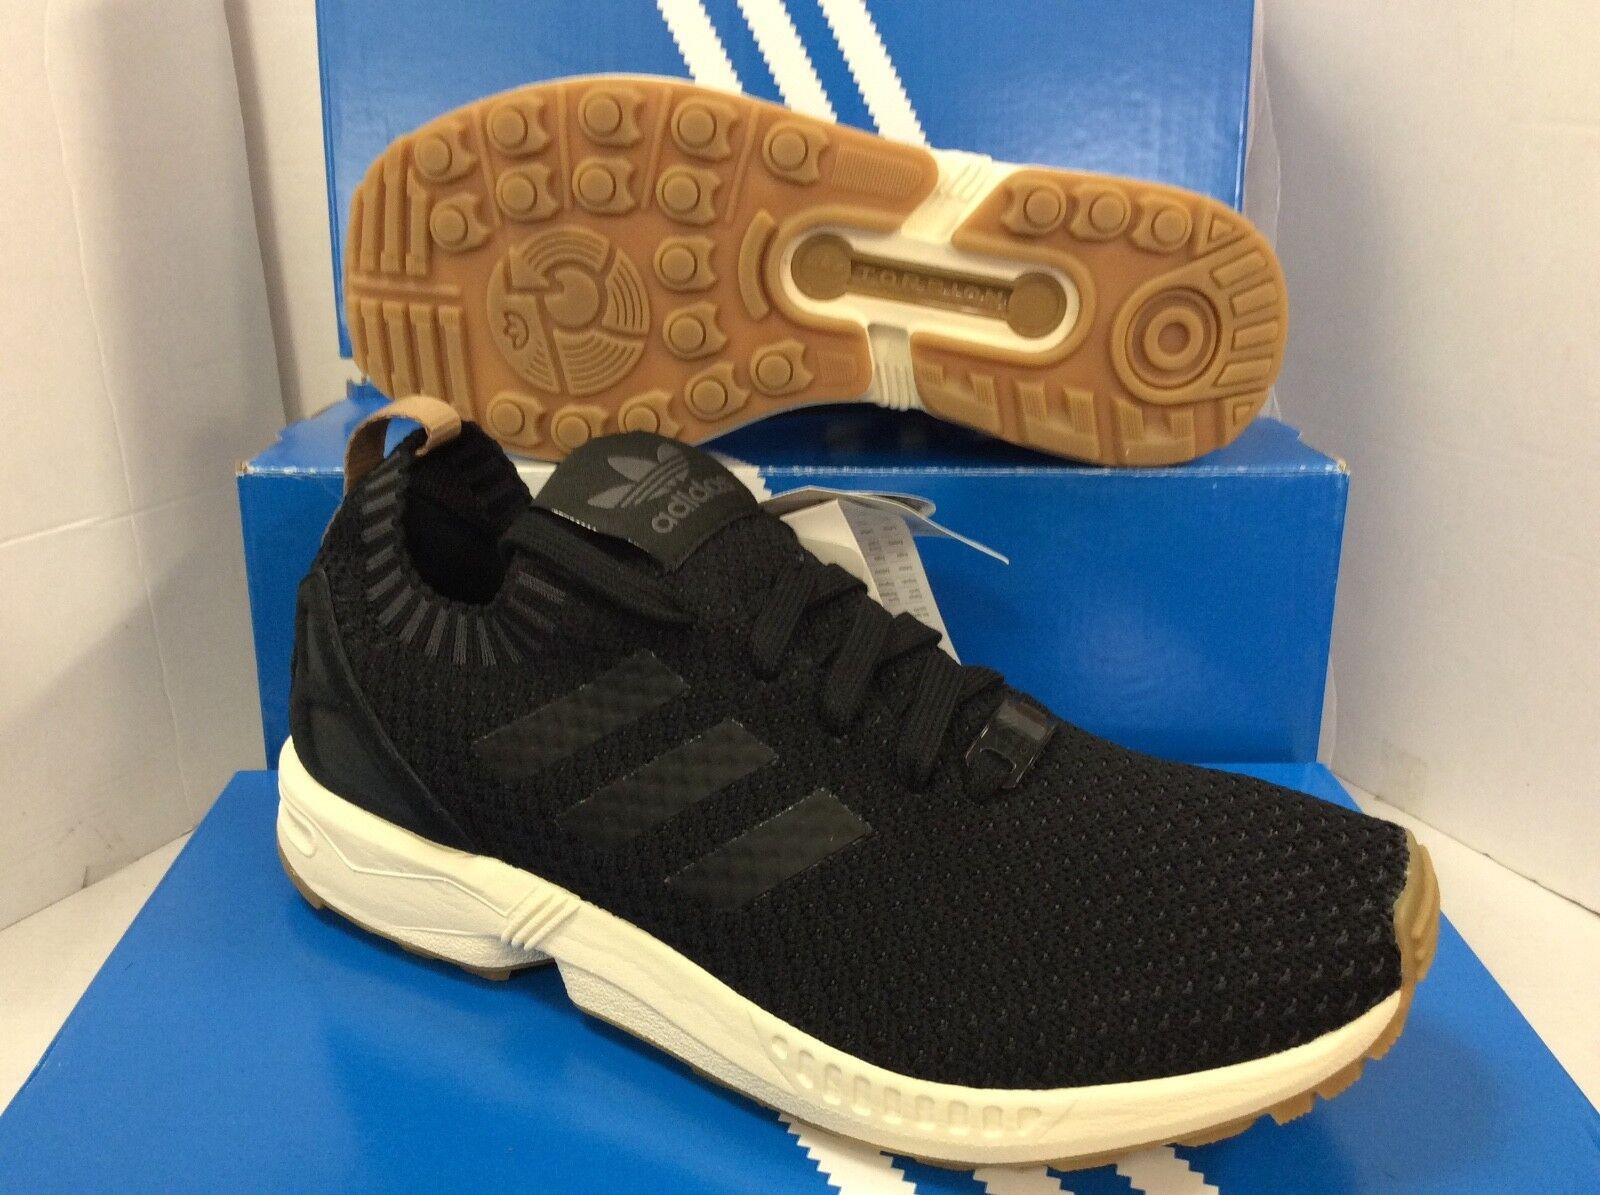 ADIDAS Originals ZX Flux PK BA7371 Sneaker Uomo, Taglia /EU 41 Scarpe classiche da uomo